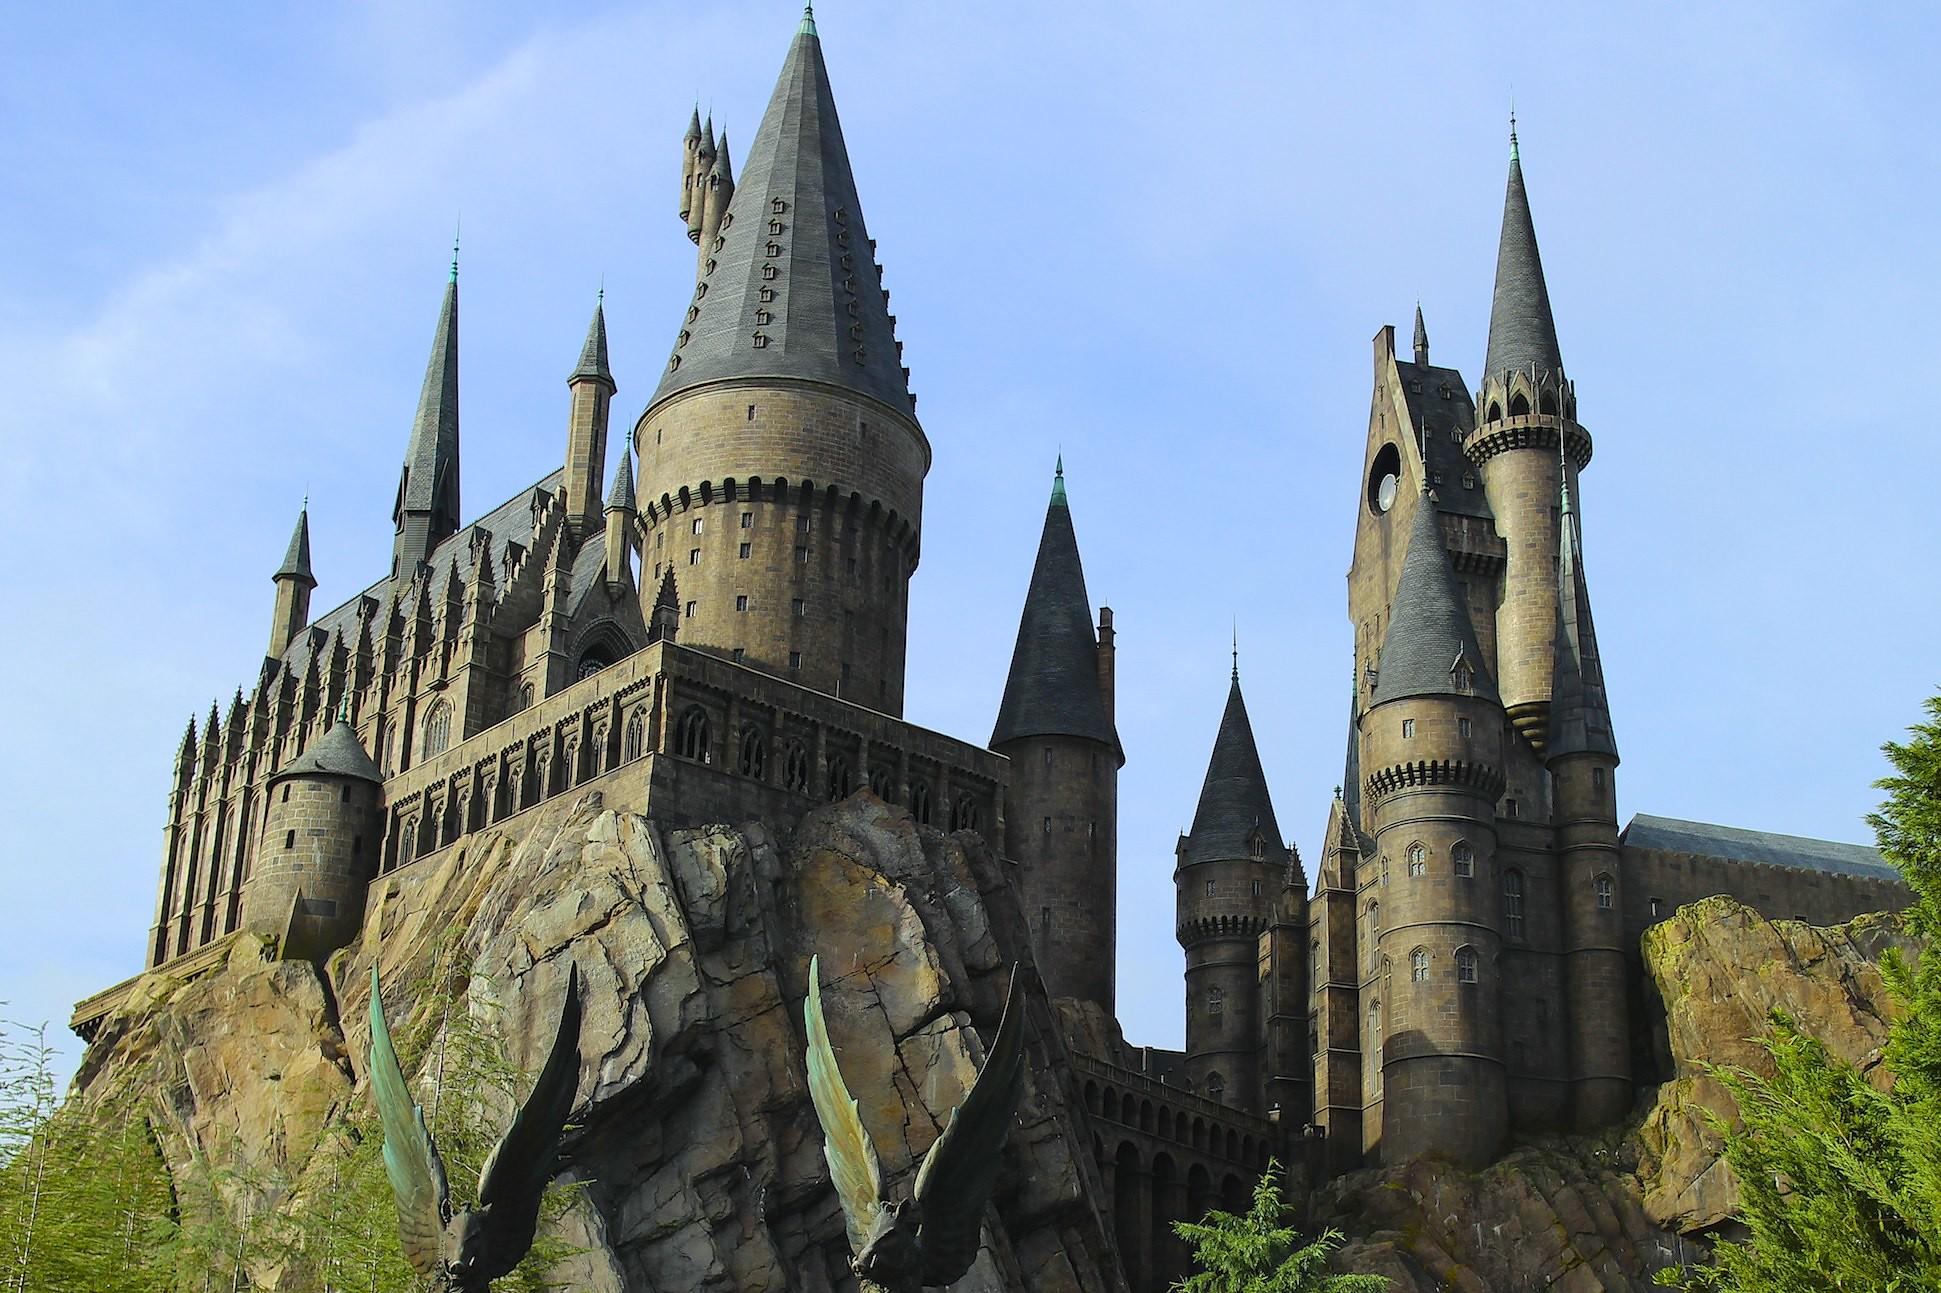 Замок «Хогвартс»— главное место действия серии книг о Гарри Поттере